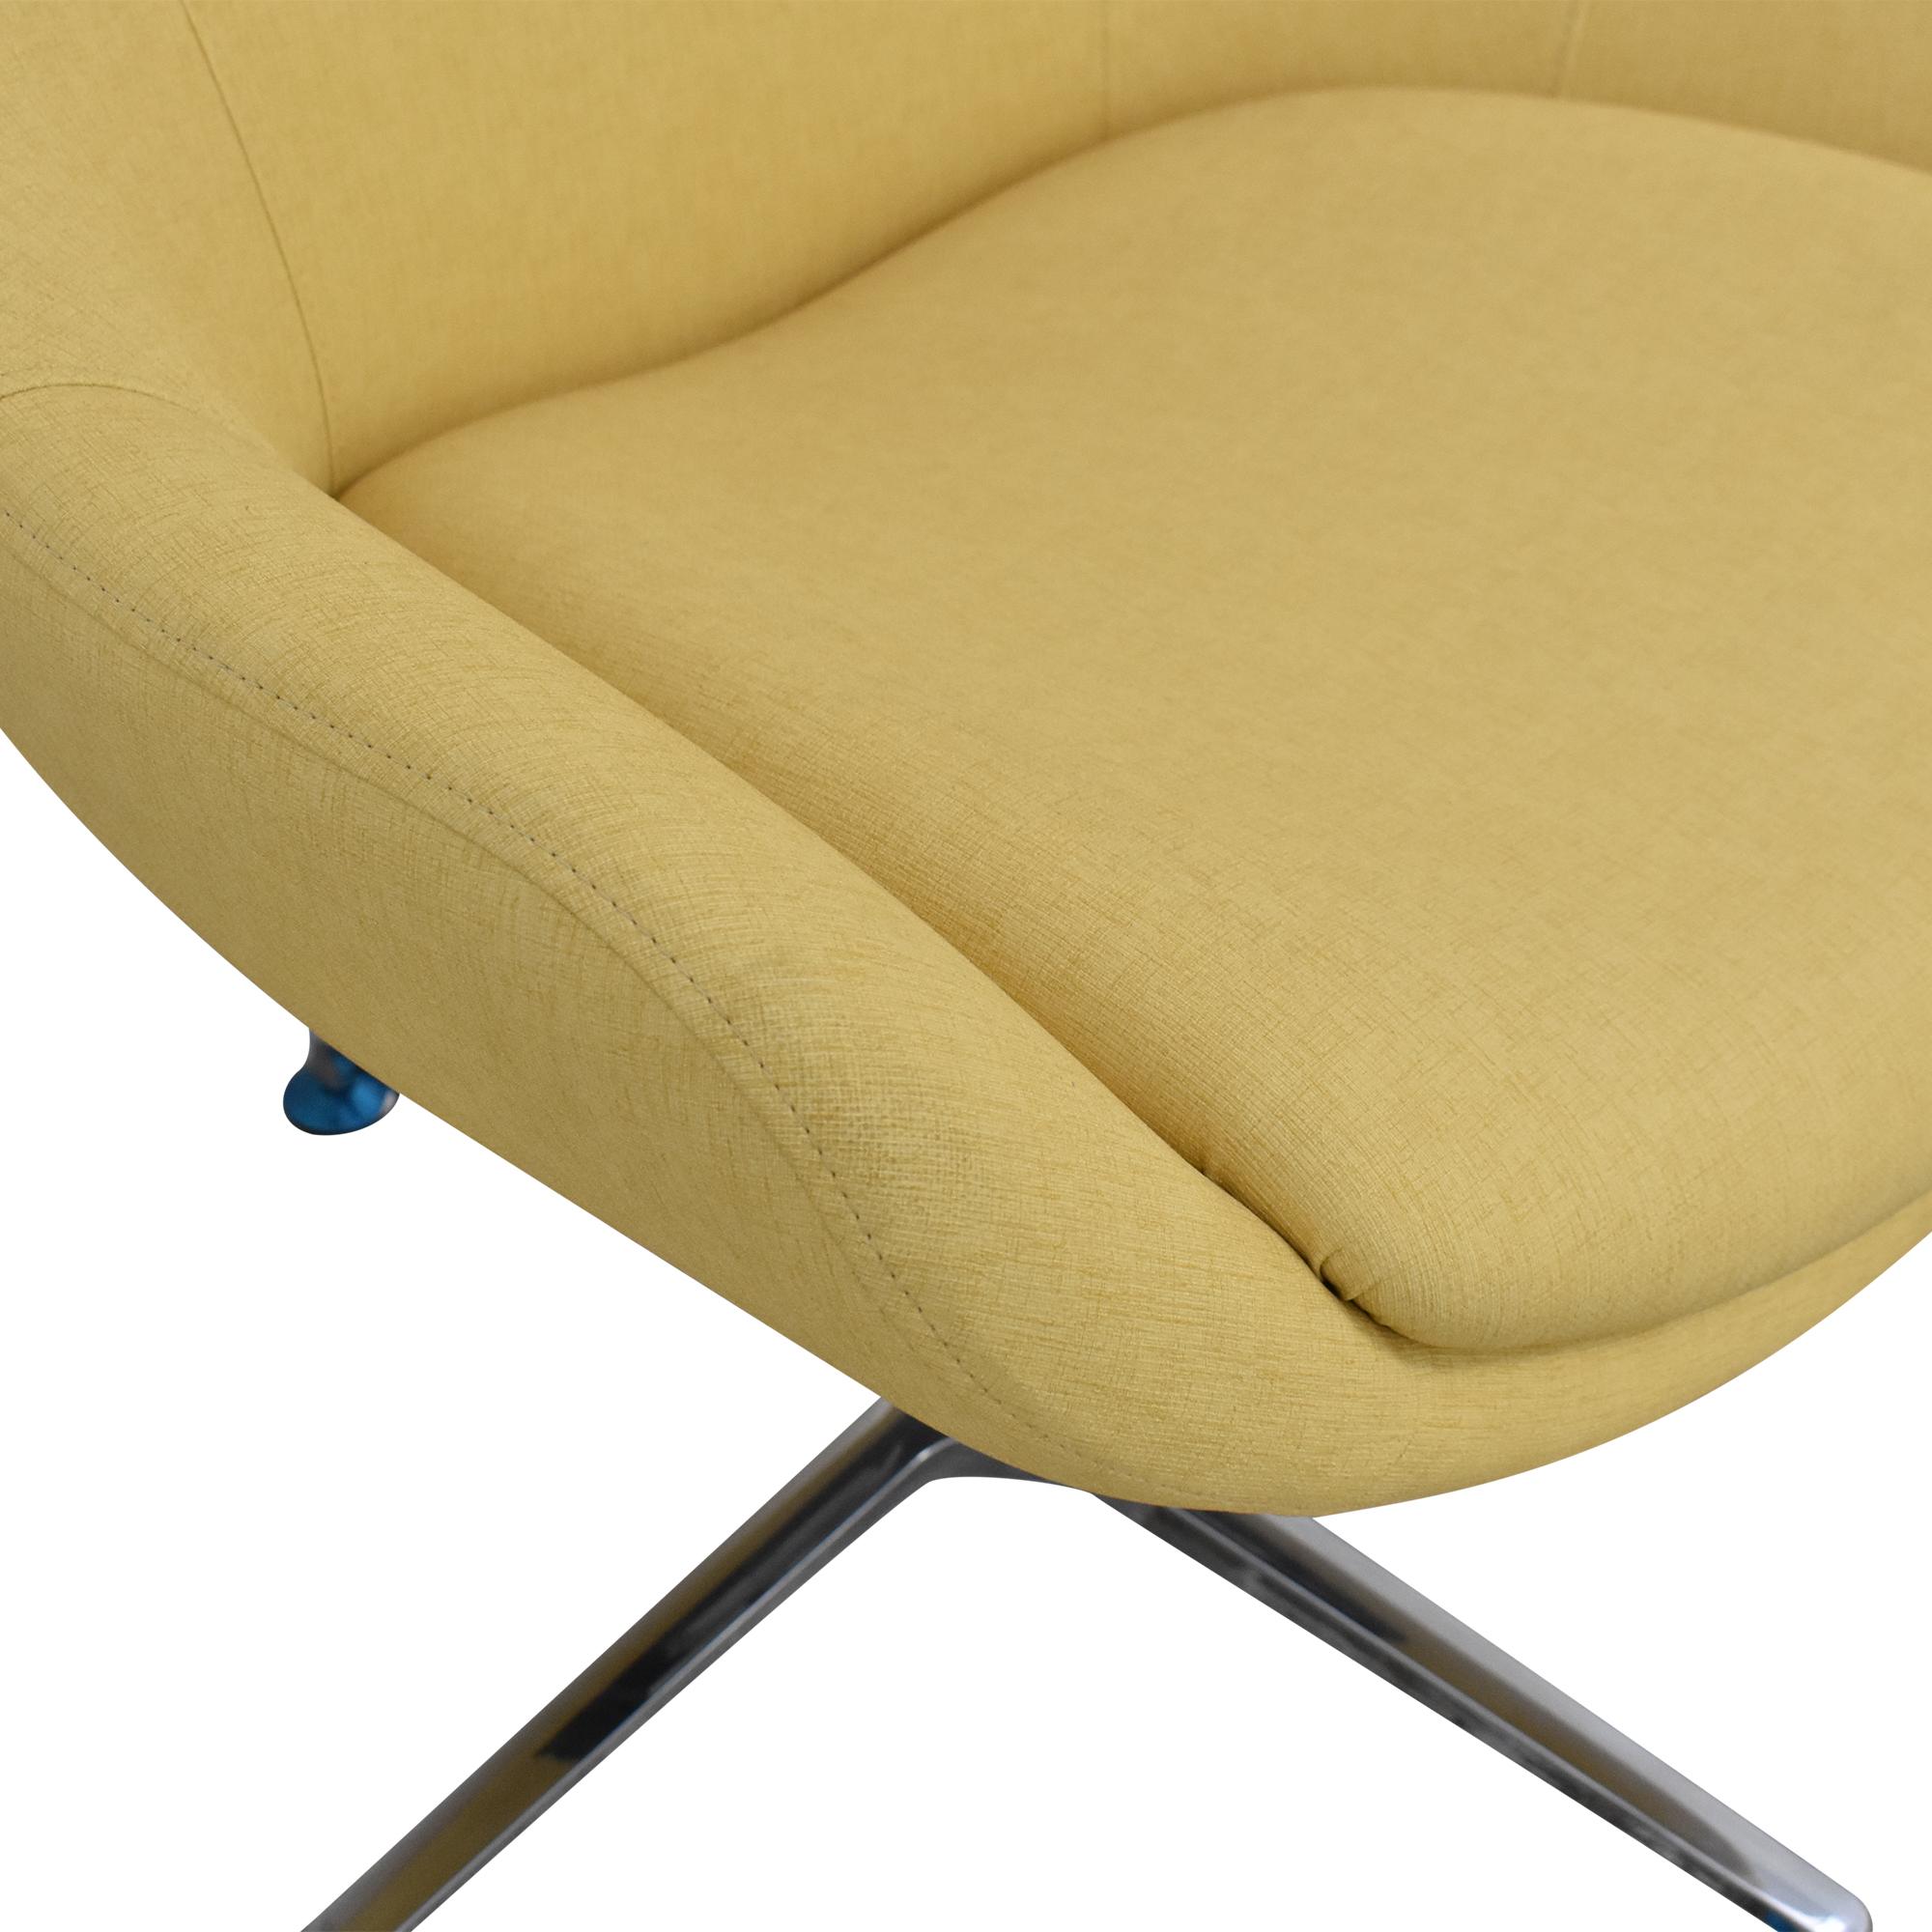 Kimball Kimball Bloom Swivel Lounge Chair second hand